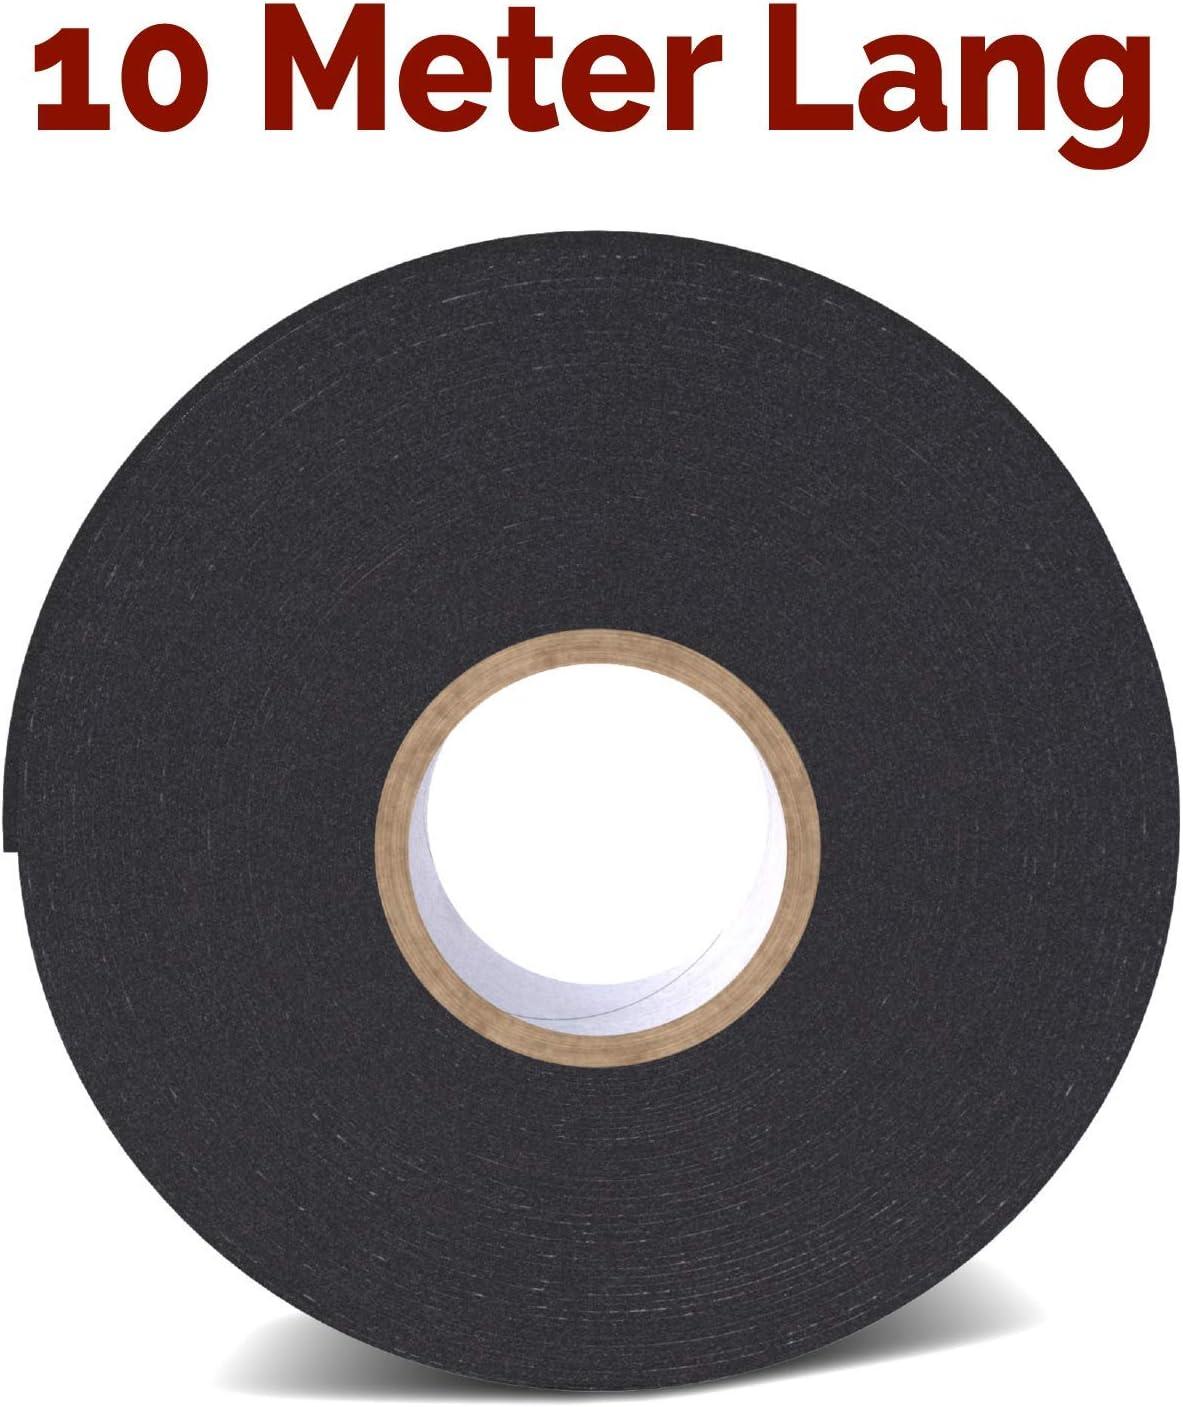 Universal Montageband aus widerstandsf/ähigem PE-Schaum Rietlow Doppelseitiges Klebeband Extra Stark Schwarzes Doppelseitiges Klebeband 10mm x 10m Verbessertes Konzept 2020